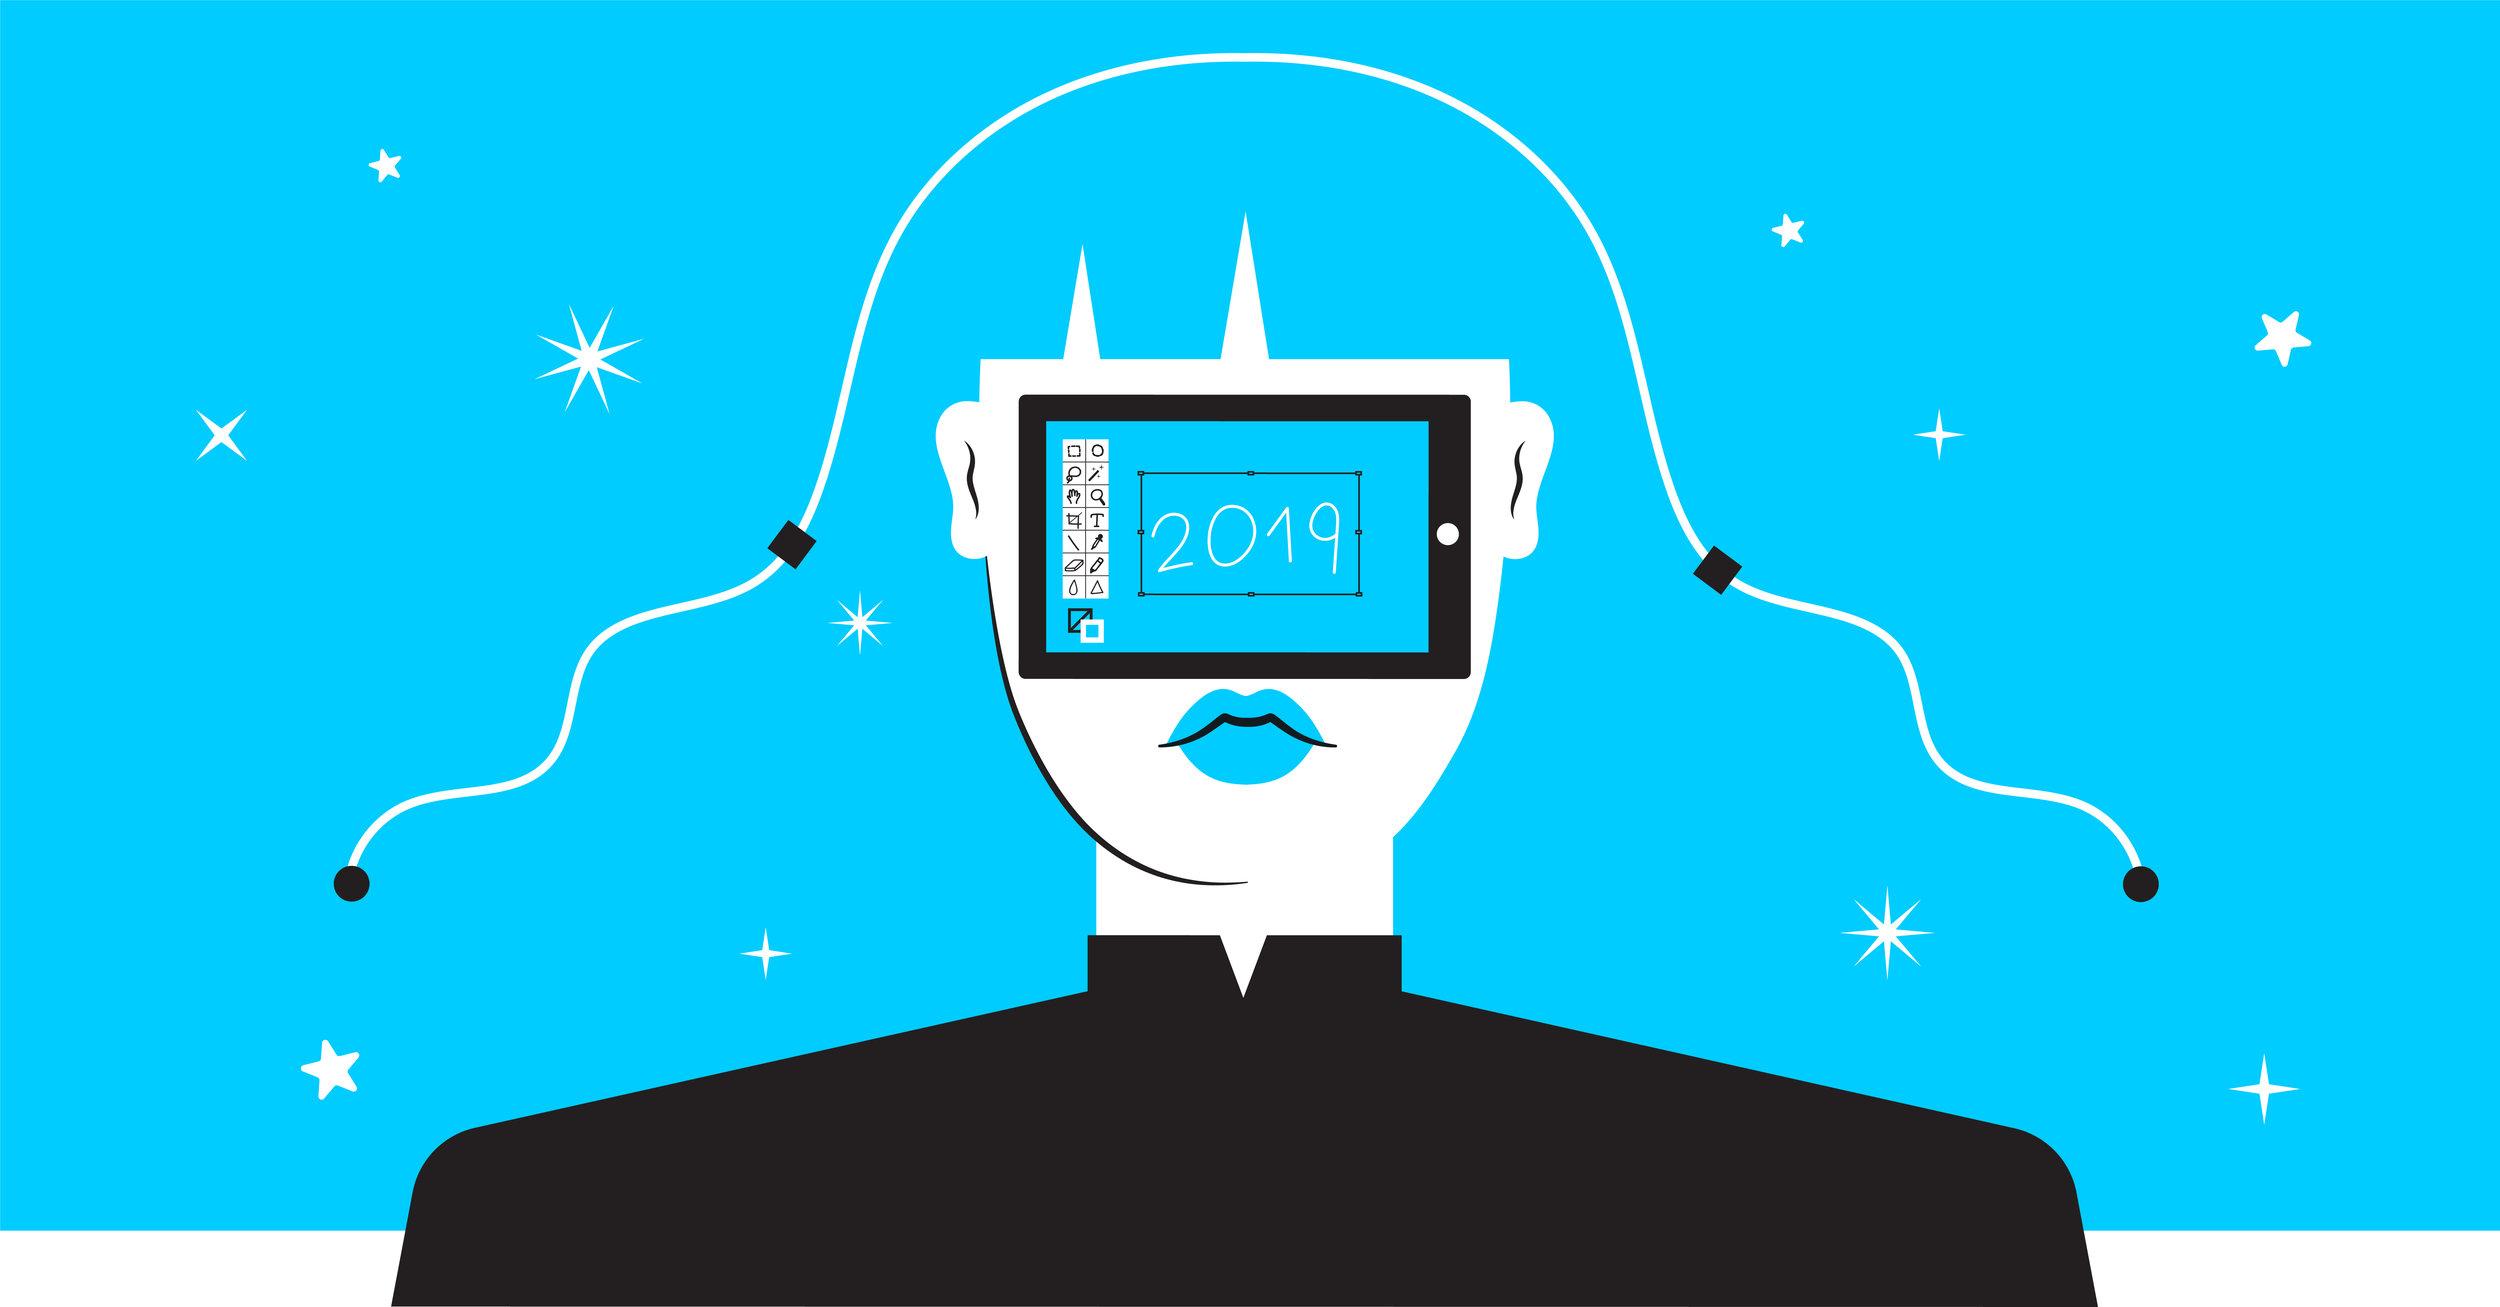 به کجا چنین شتابان؟ بررسی روند تجربه کاربری در سال ۲۰۱۹